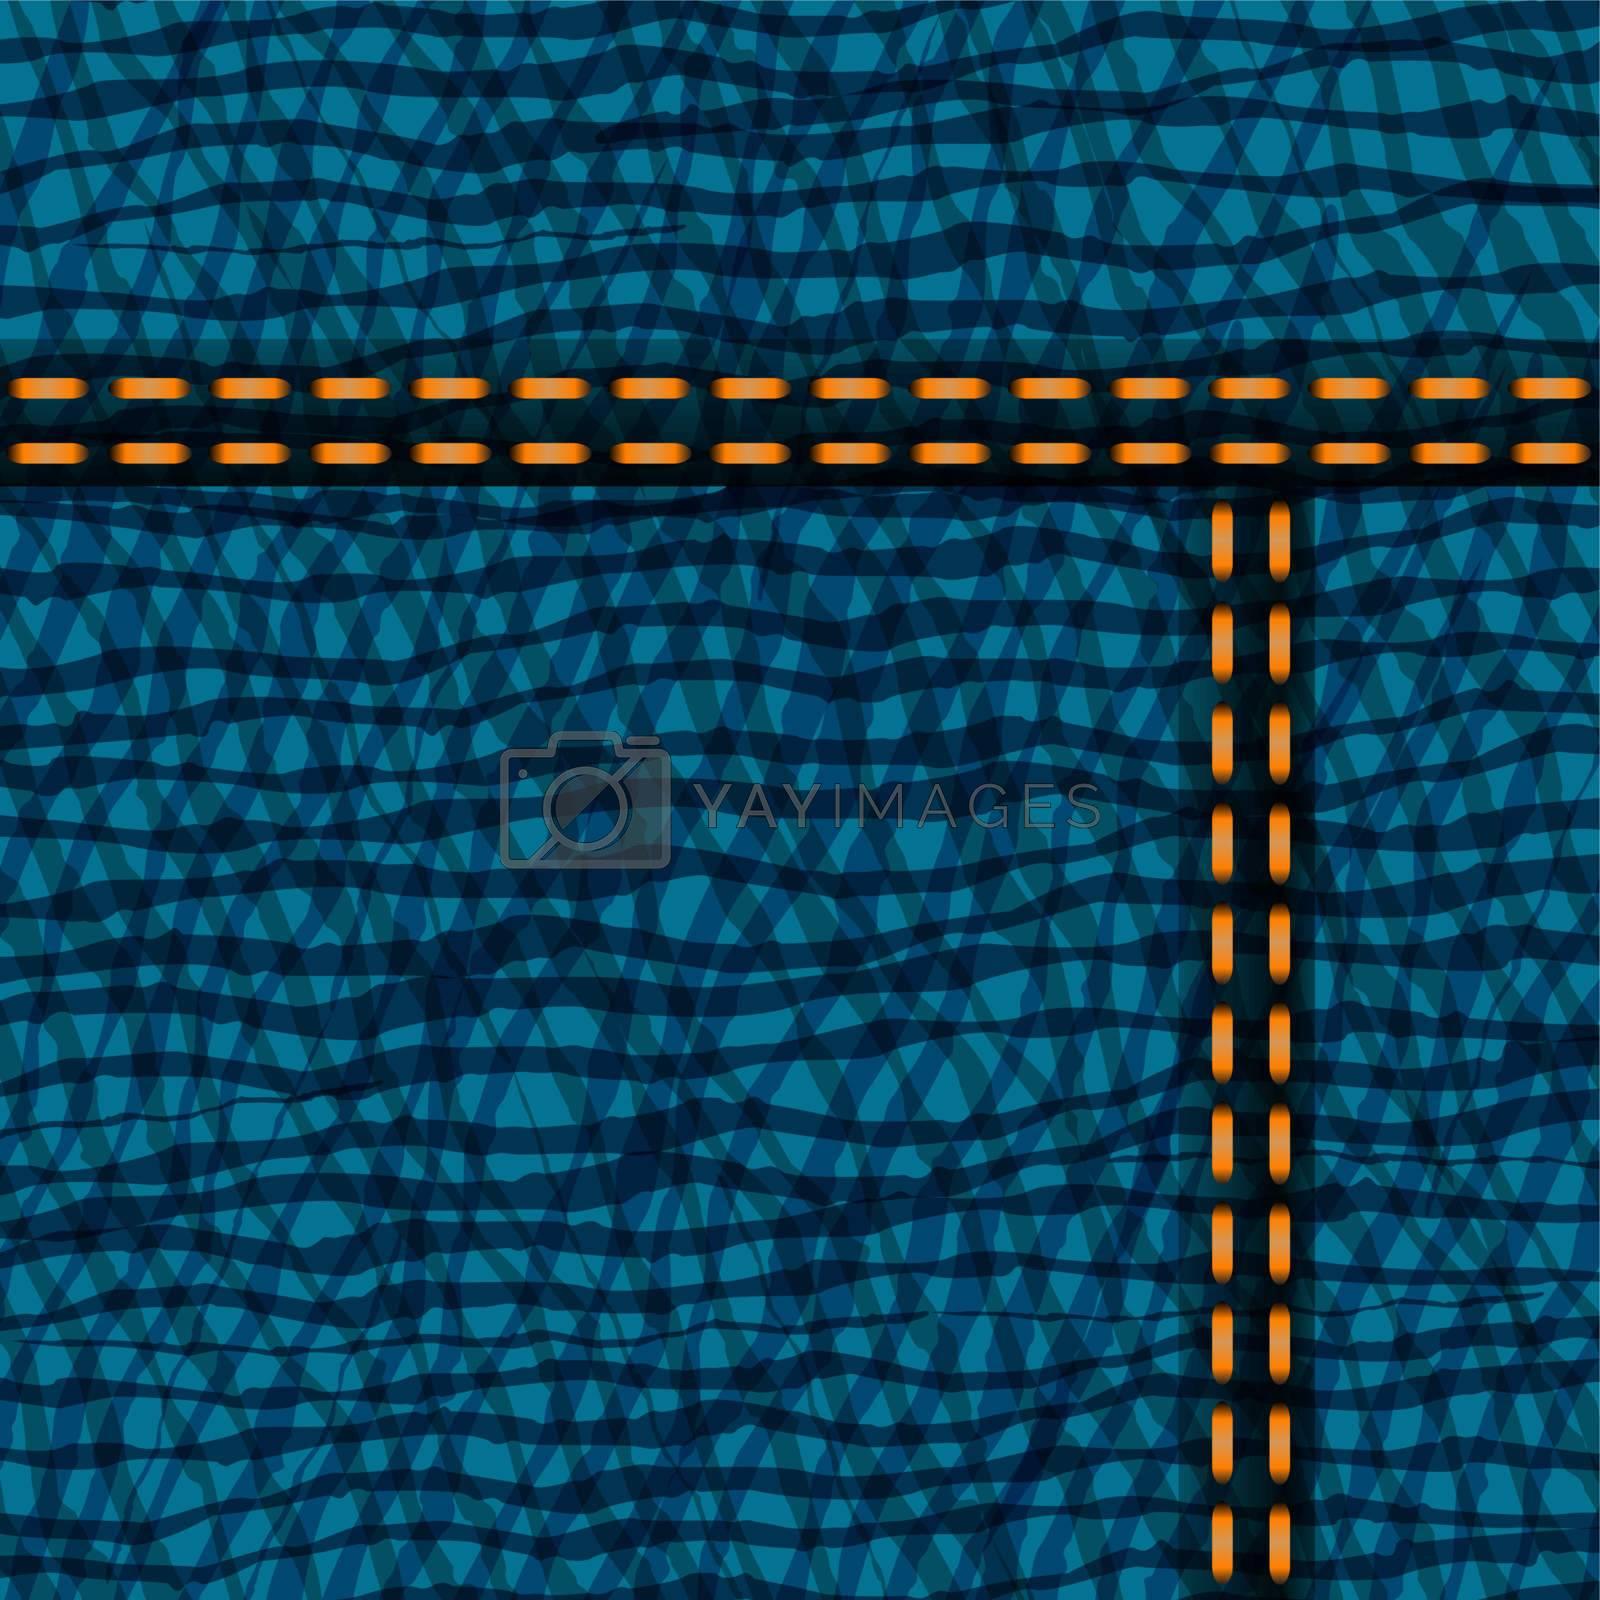 Worn blue denim jeans texture, background vector